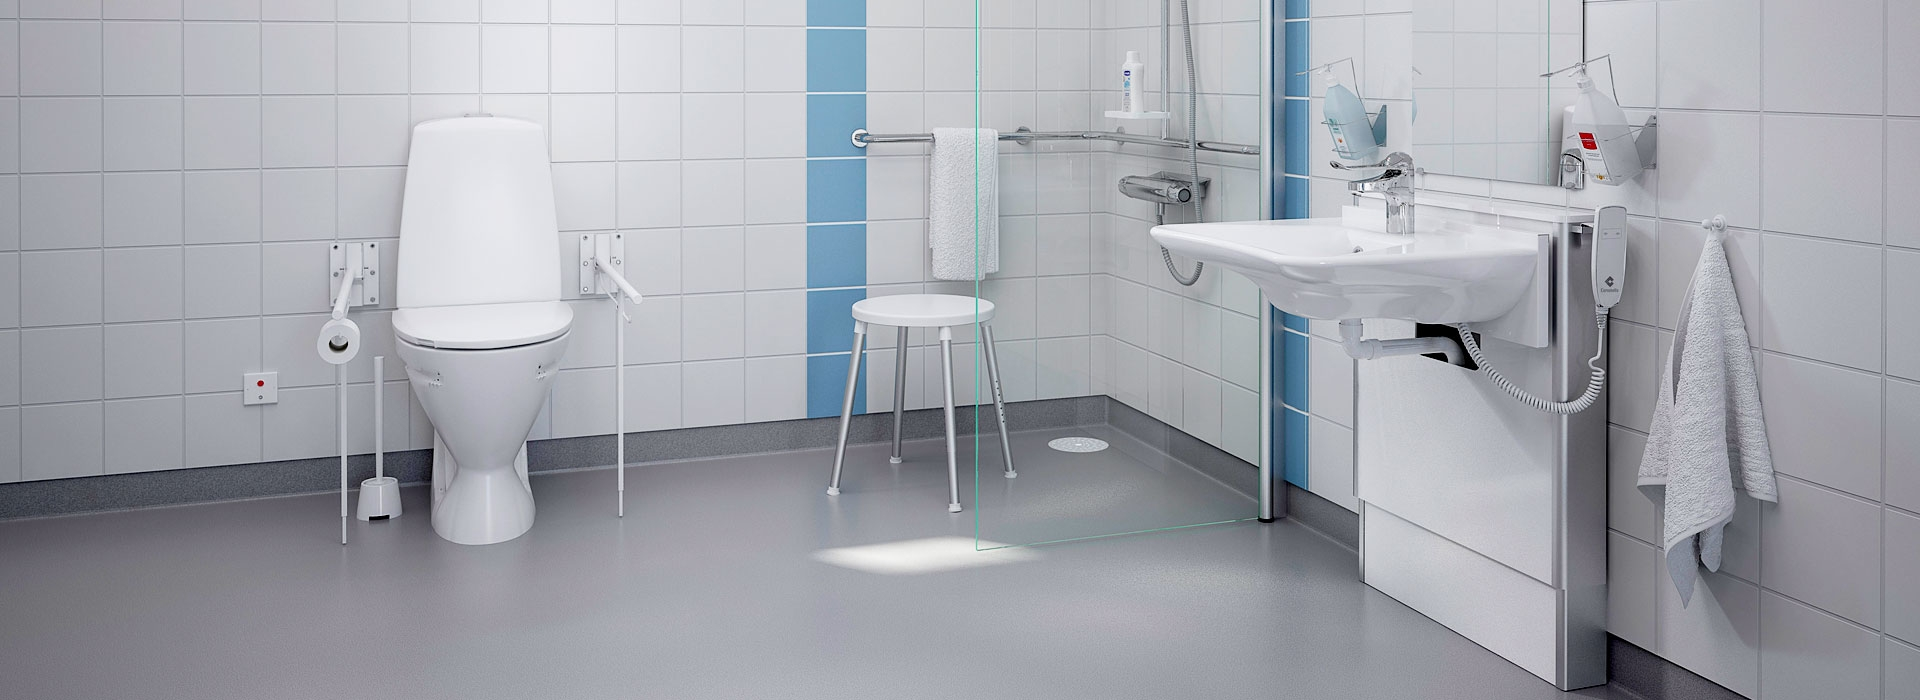 <h2>Höj- och sänkbara tvättställ</h2>